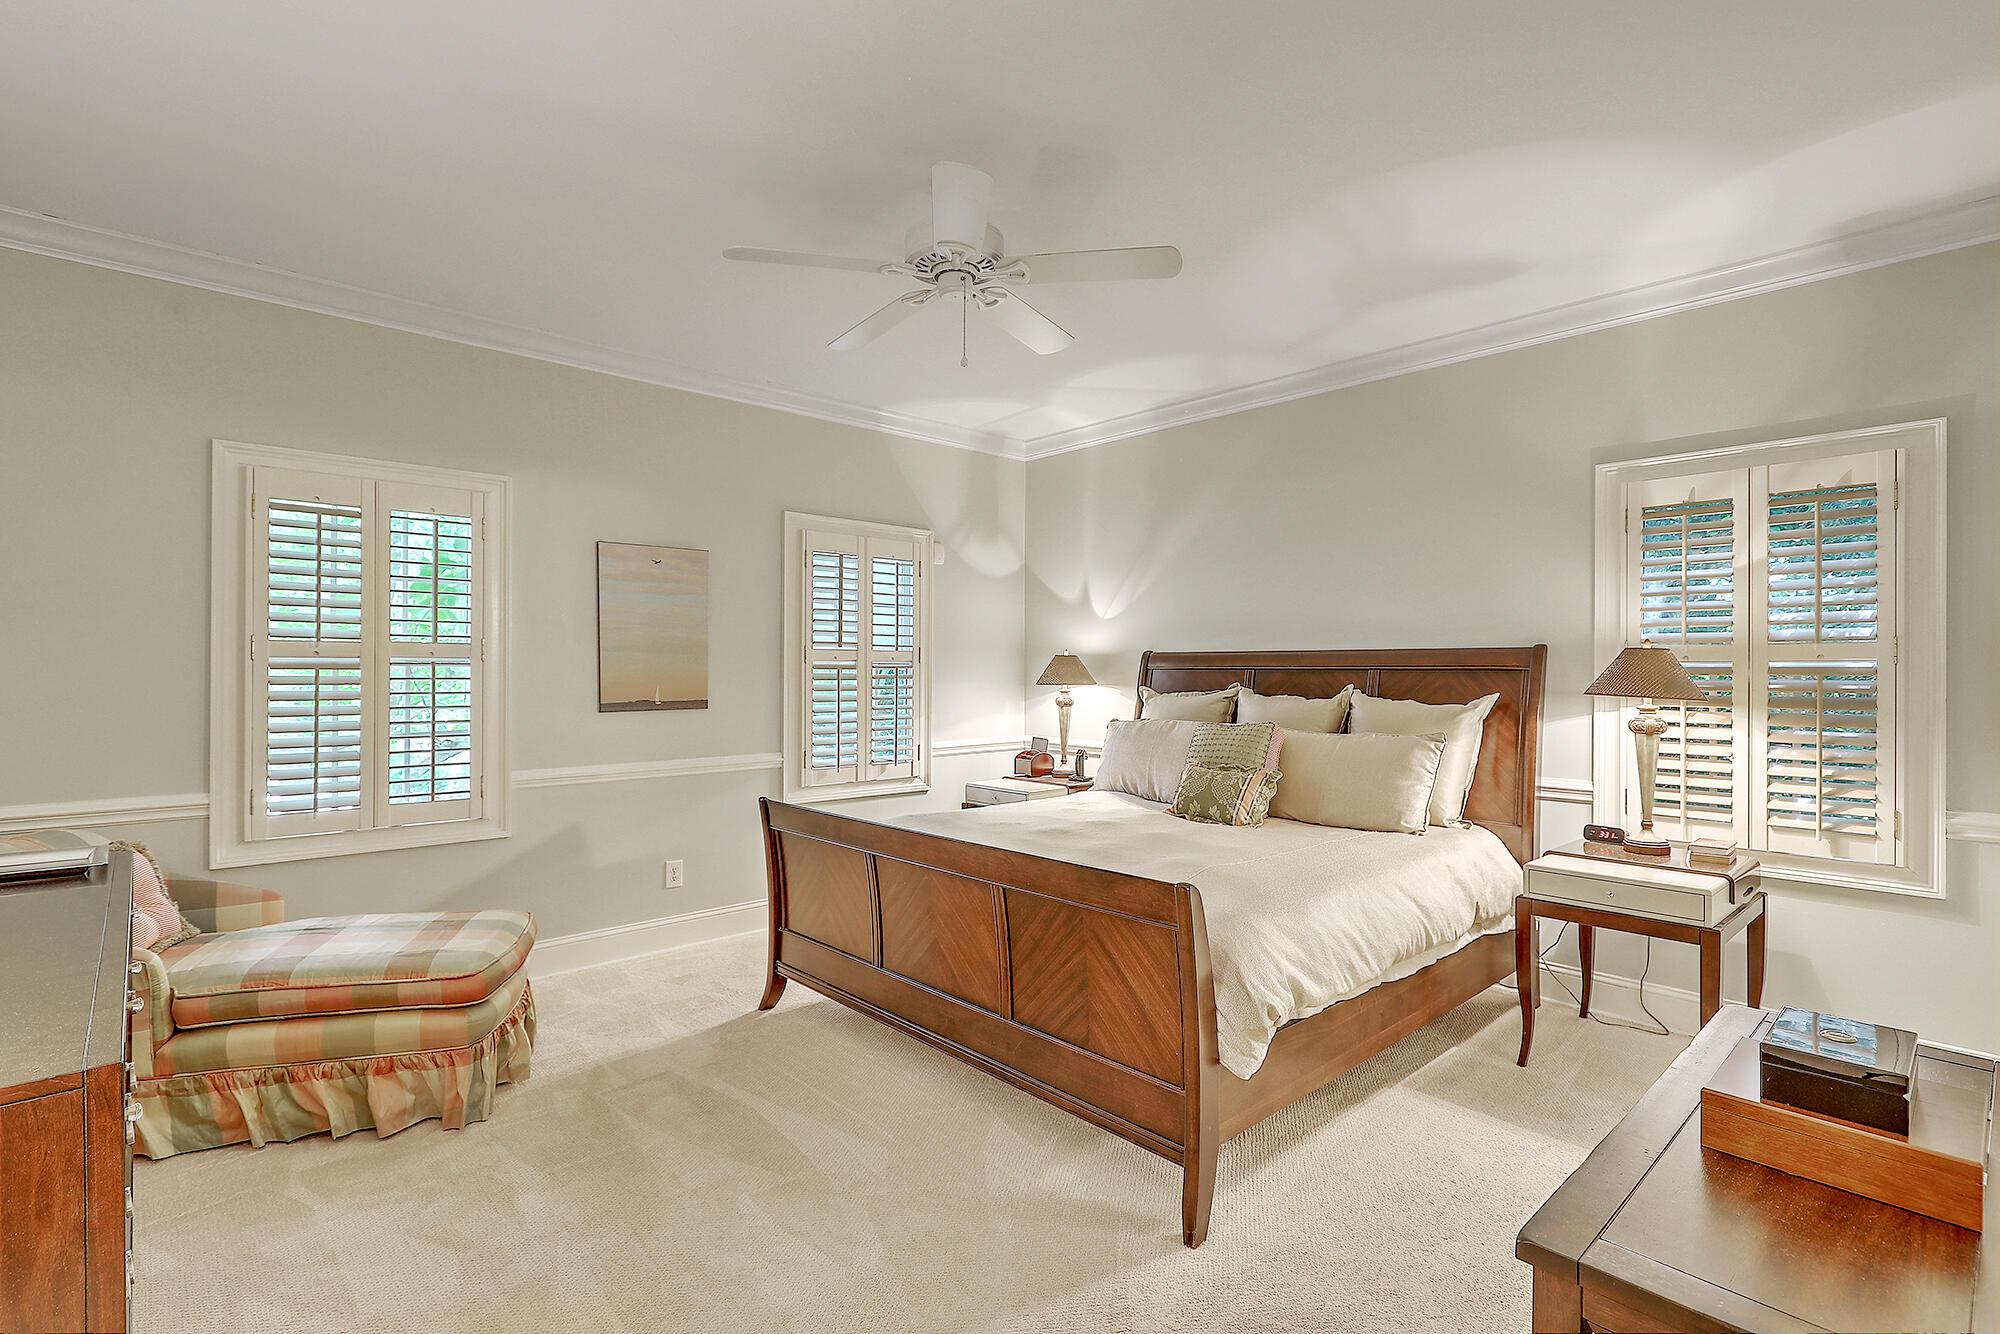 Stiles Point Plantation Homes For Sale - 816 Whispering Marsh, Charleston, SC - 18